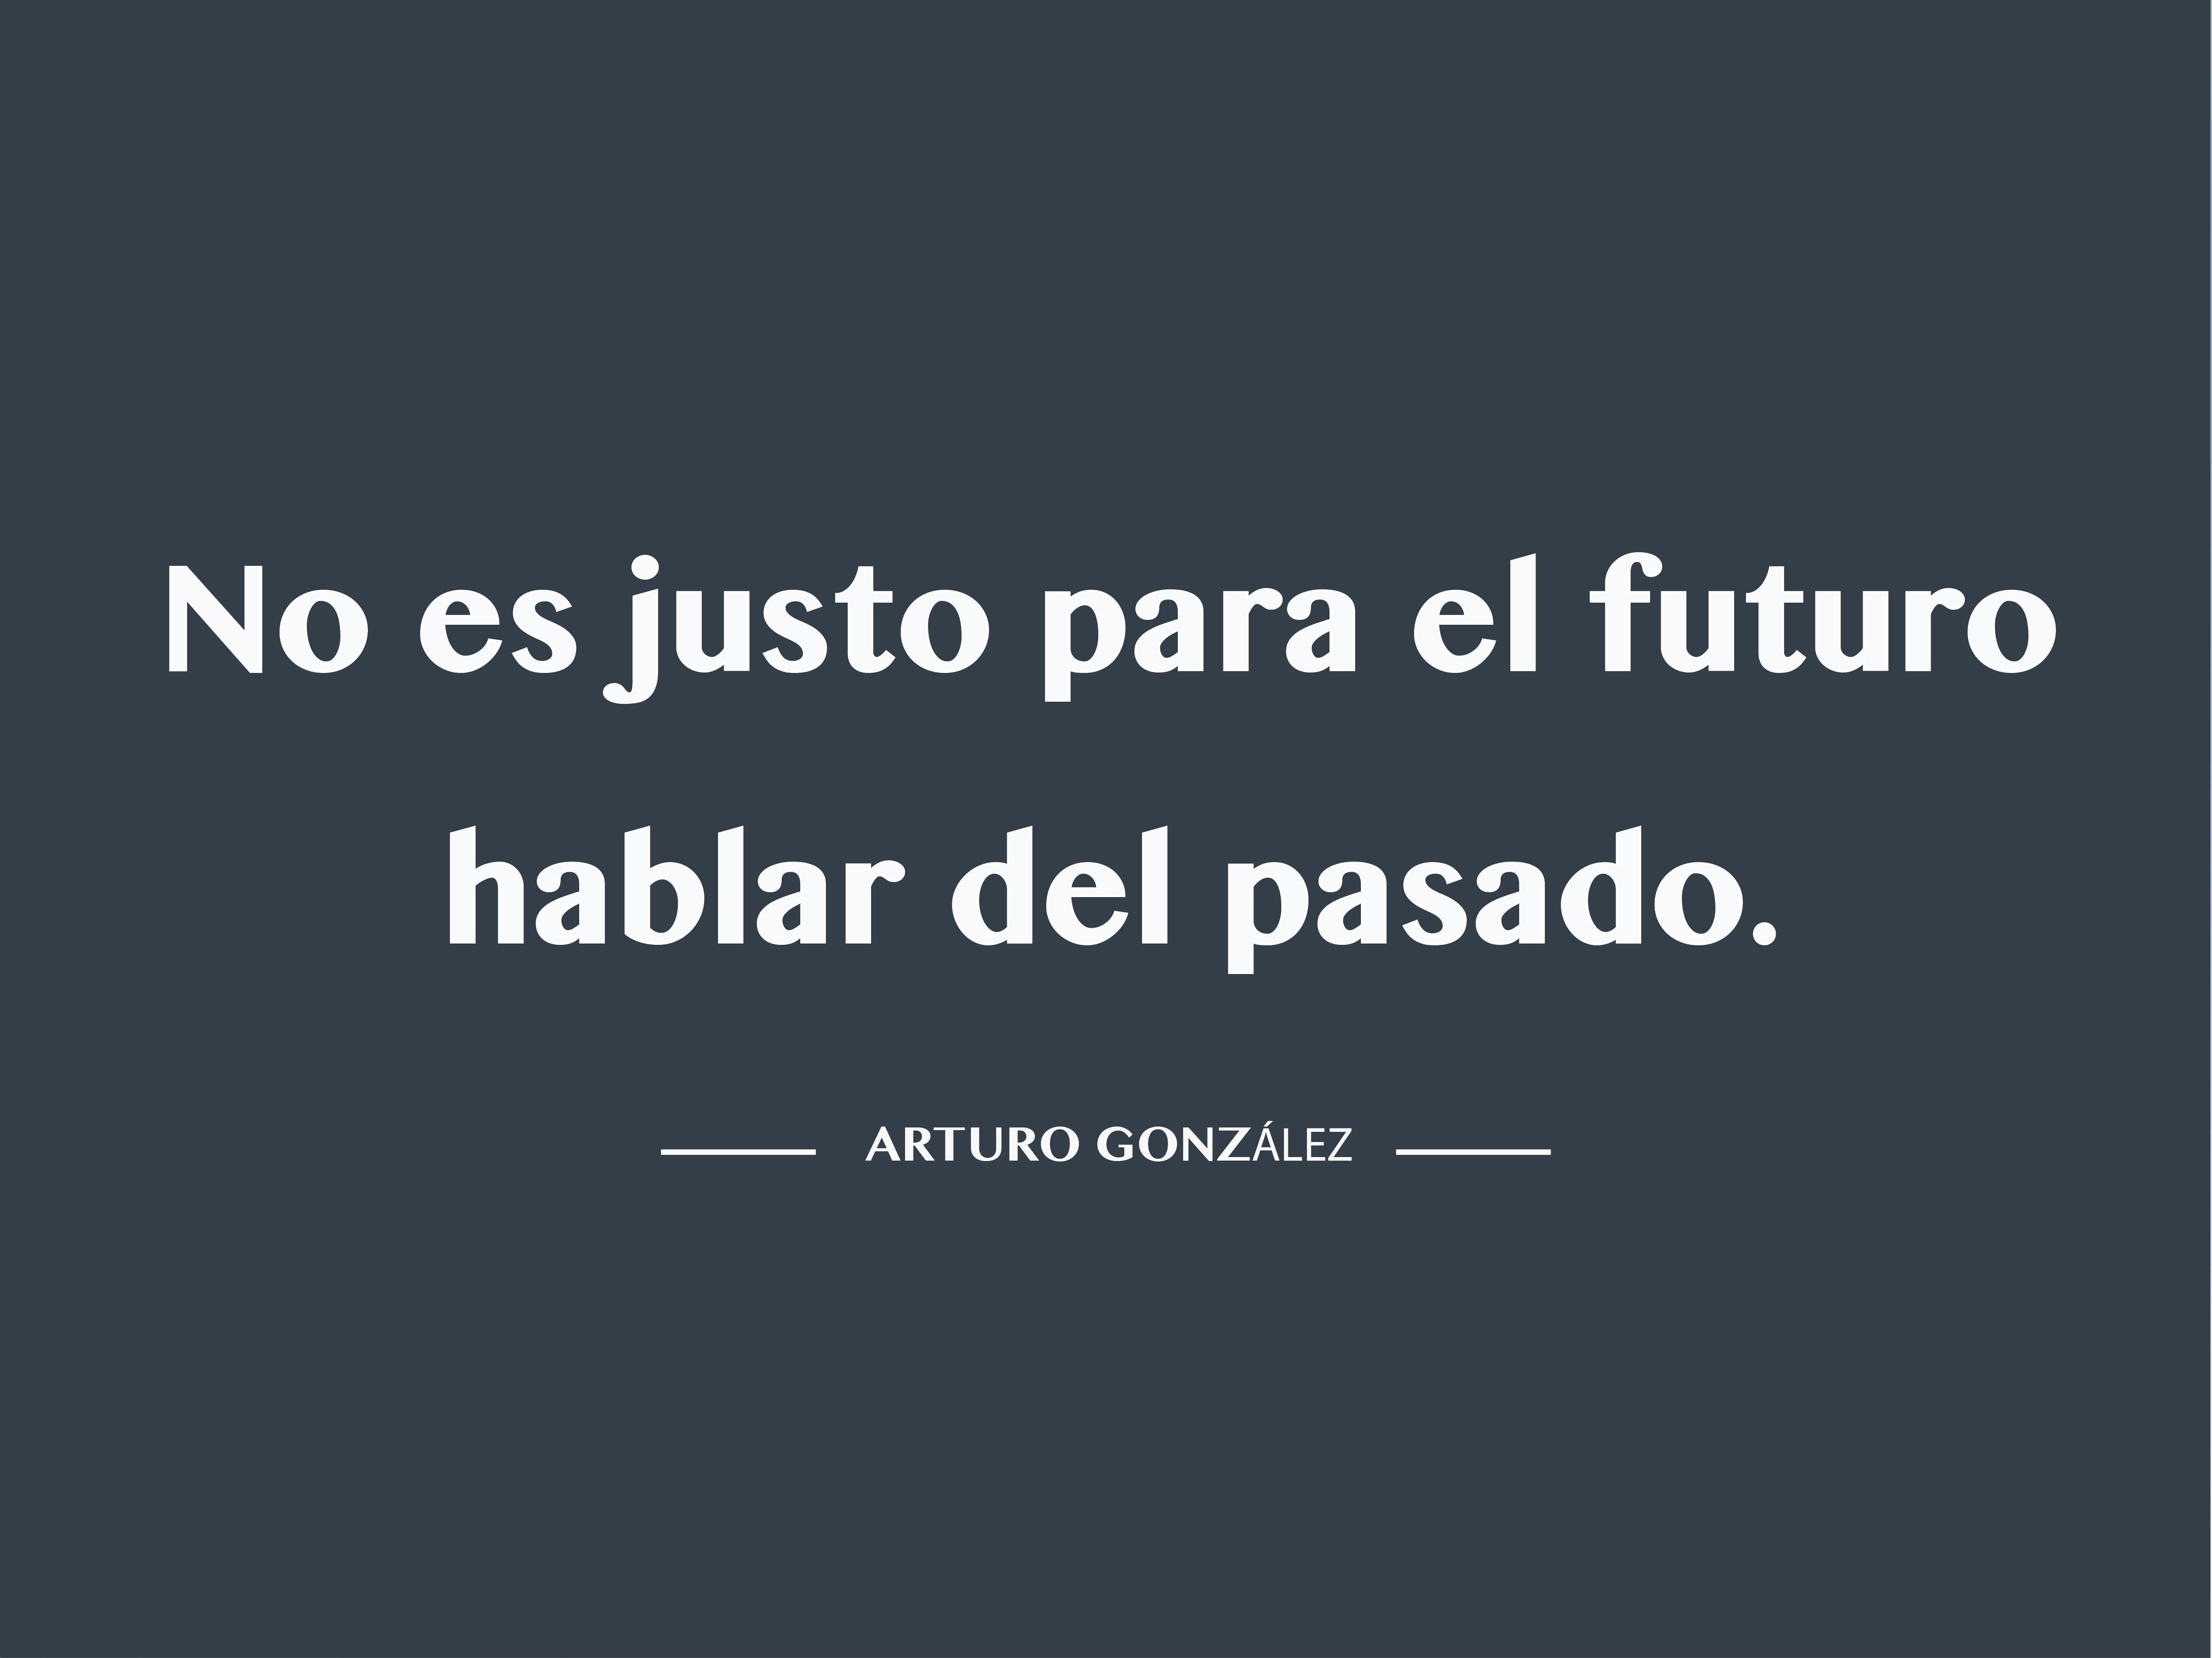 Frases De Futuro: No Es Justo Para El Futuro Hablar Del Pasado.